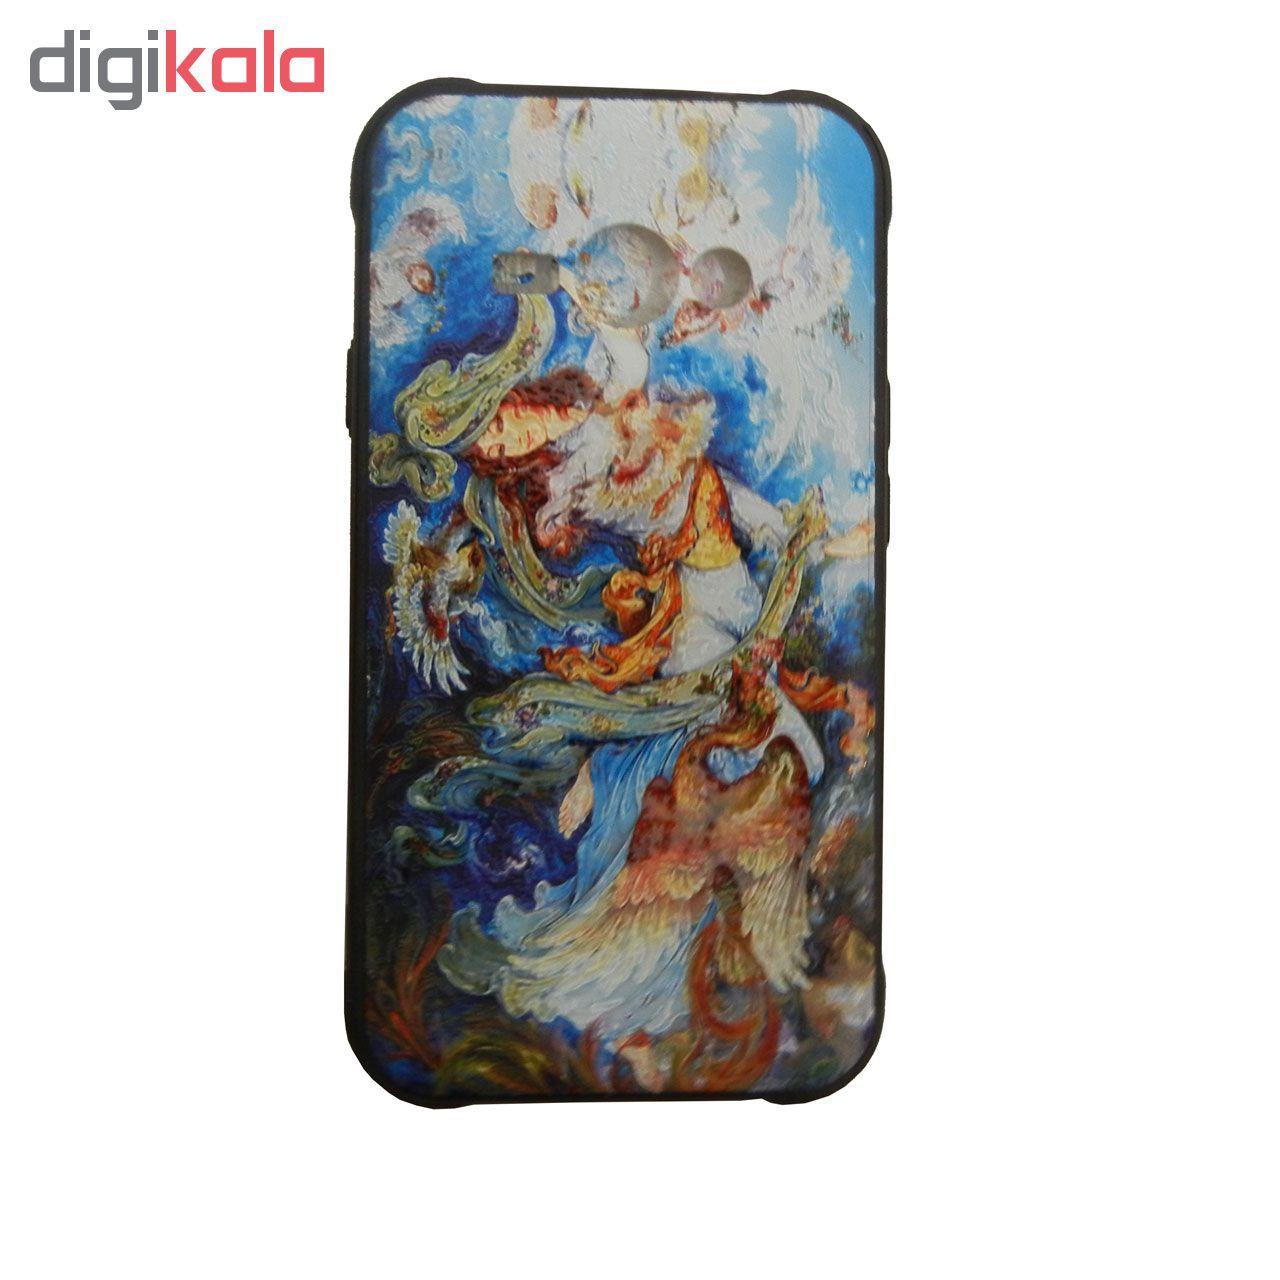 کاور مدل S8 مناسب برای گوشی موبایل سامسونگ Galaxy S8 main 1 1